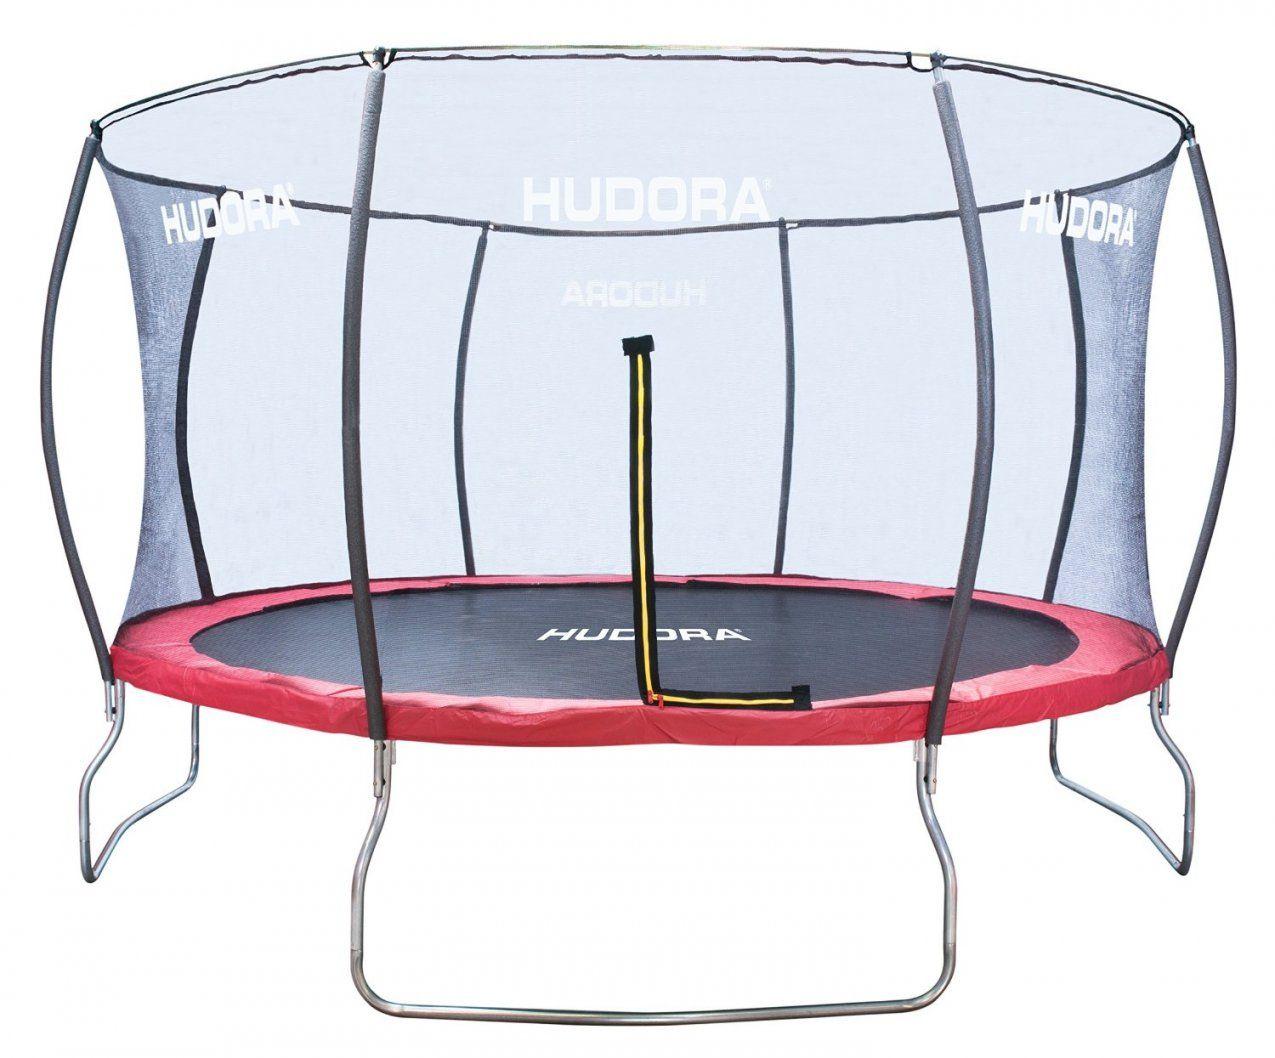 Hudora Trampolin Fantastic Test  300 Und 400 Cm Durchmesser von Trampolin Stiftung Warentest 2015 Bild